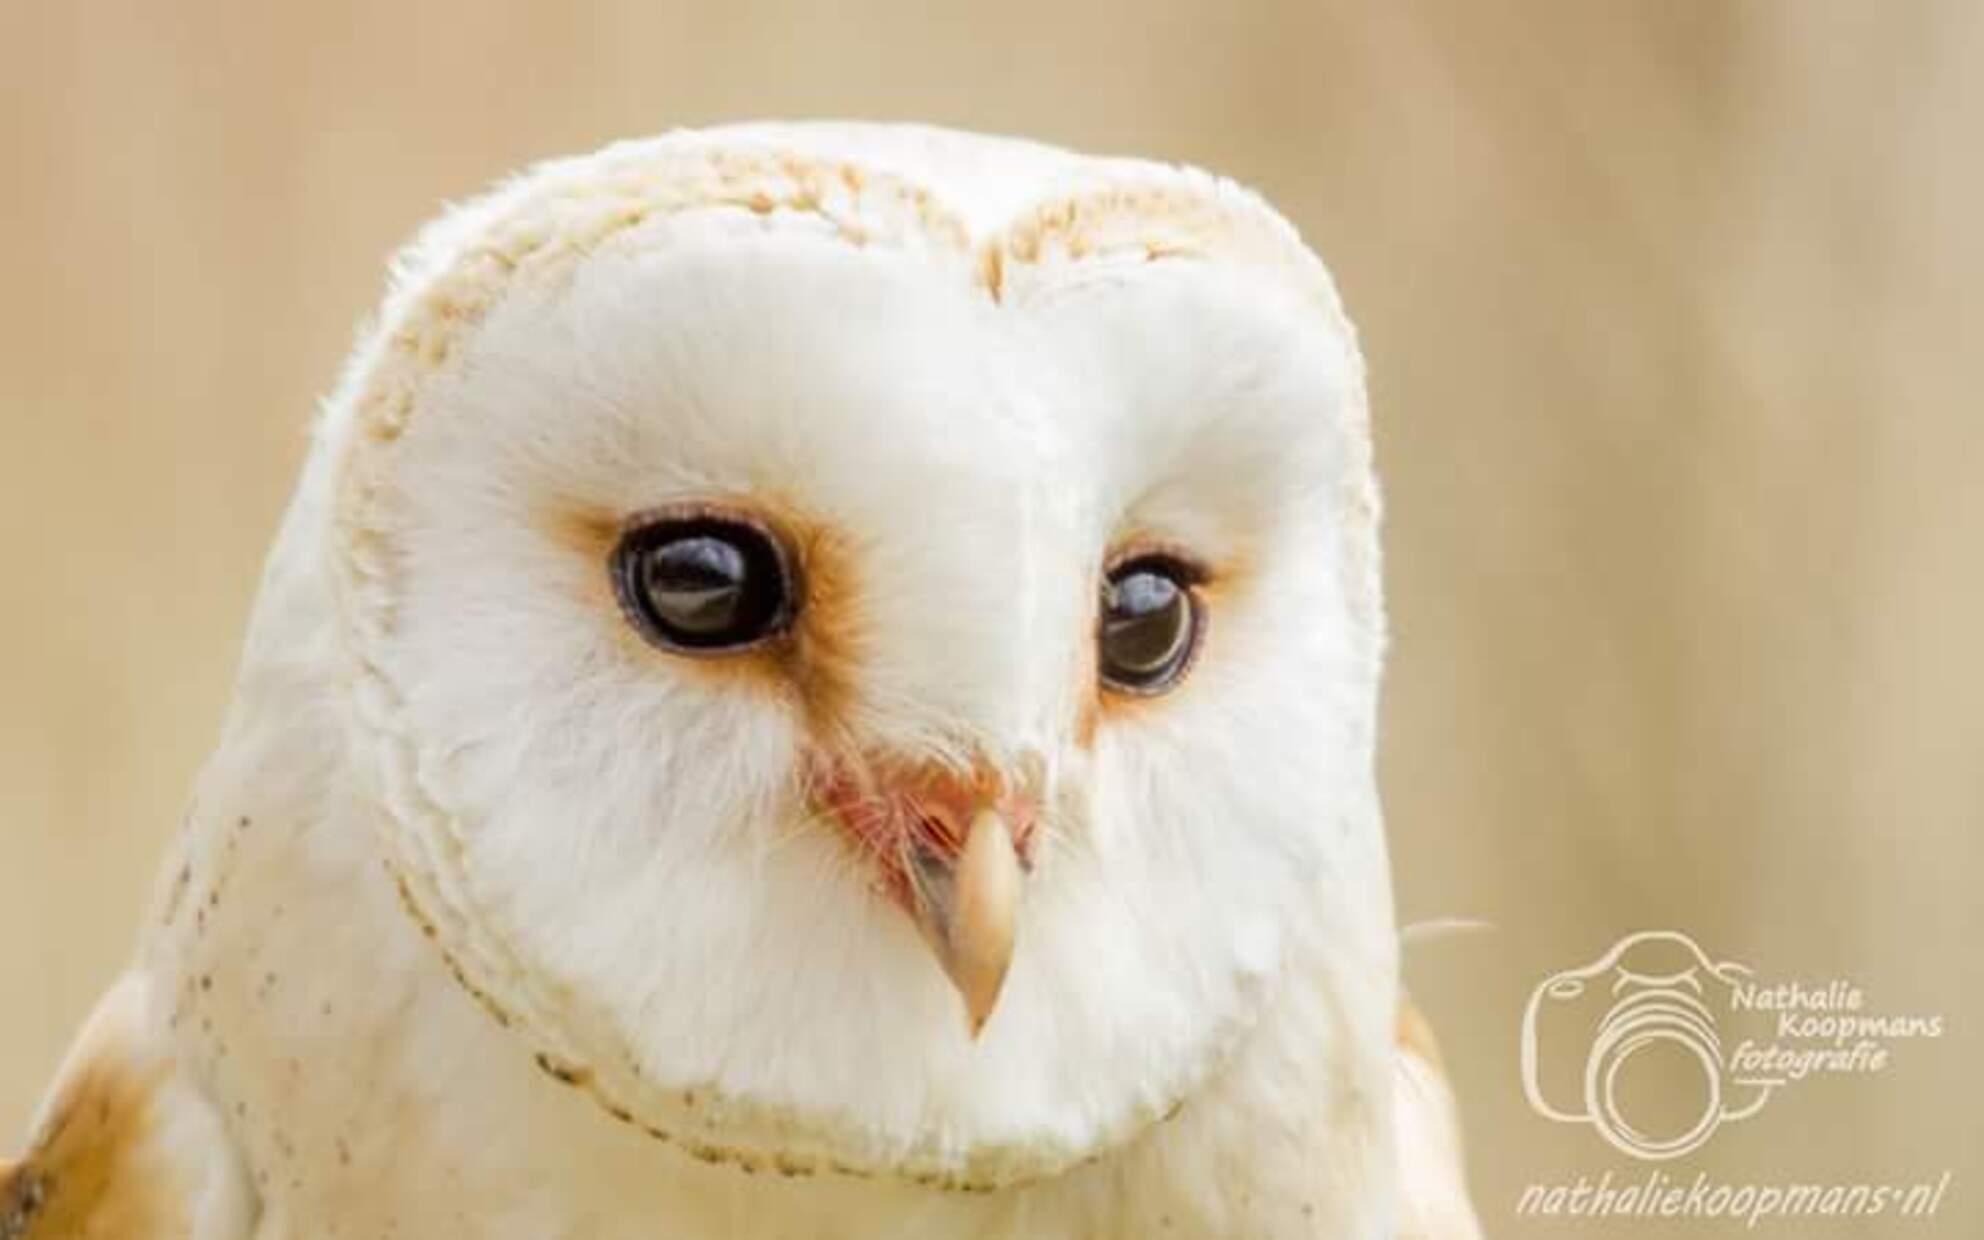 Prachtig uiltje - Uiltje op beeld - foto door nathaliekoopmansfotografie op 20-06-2017 - deze foto bevat: uil, dieren, roofvogel